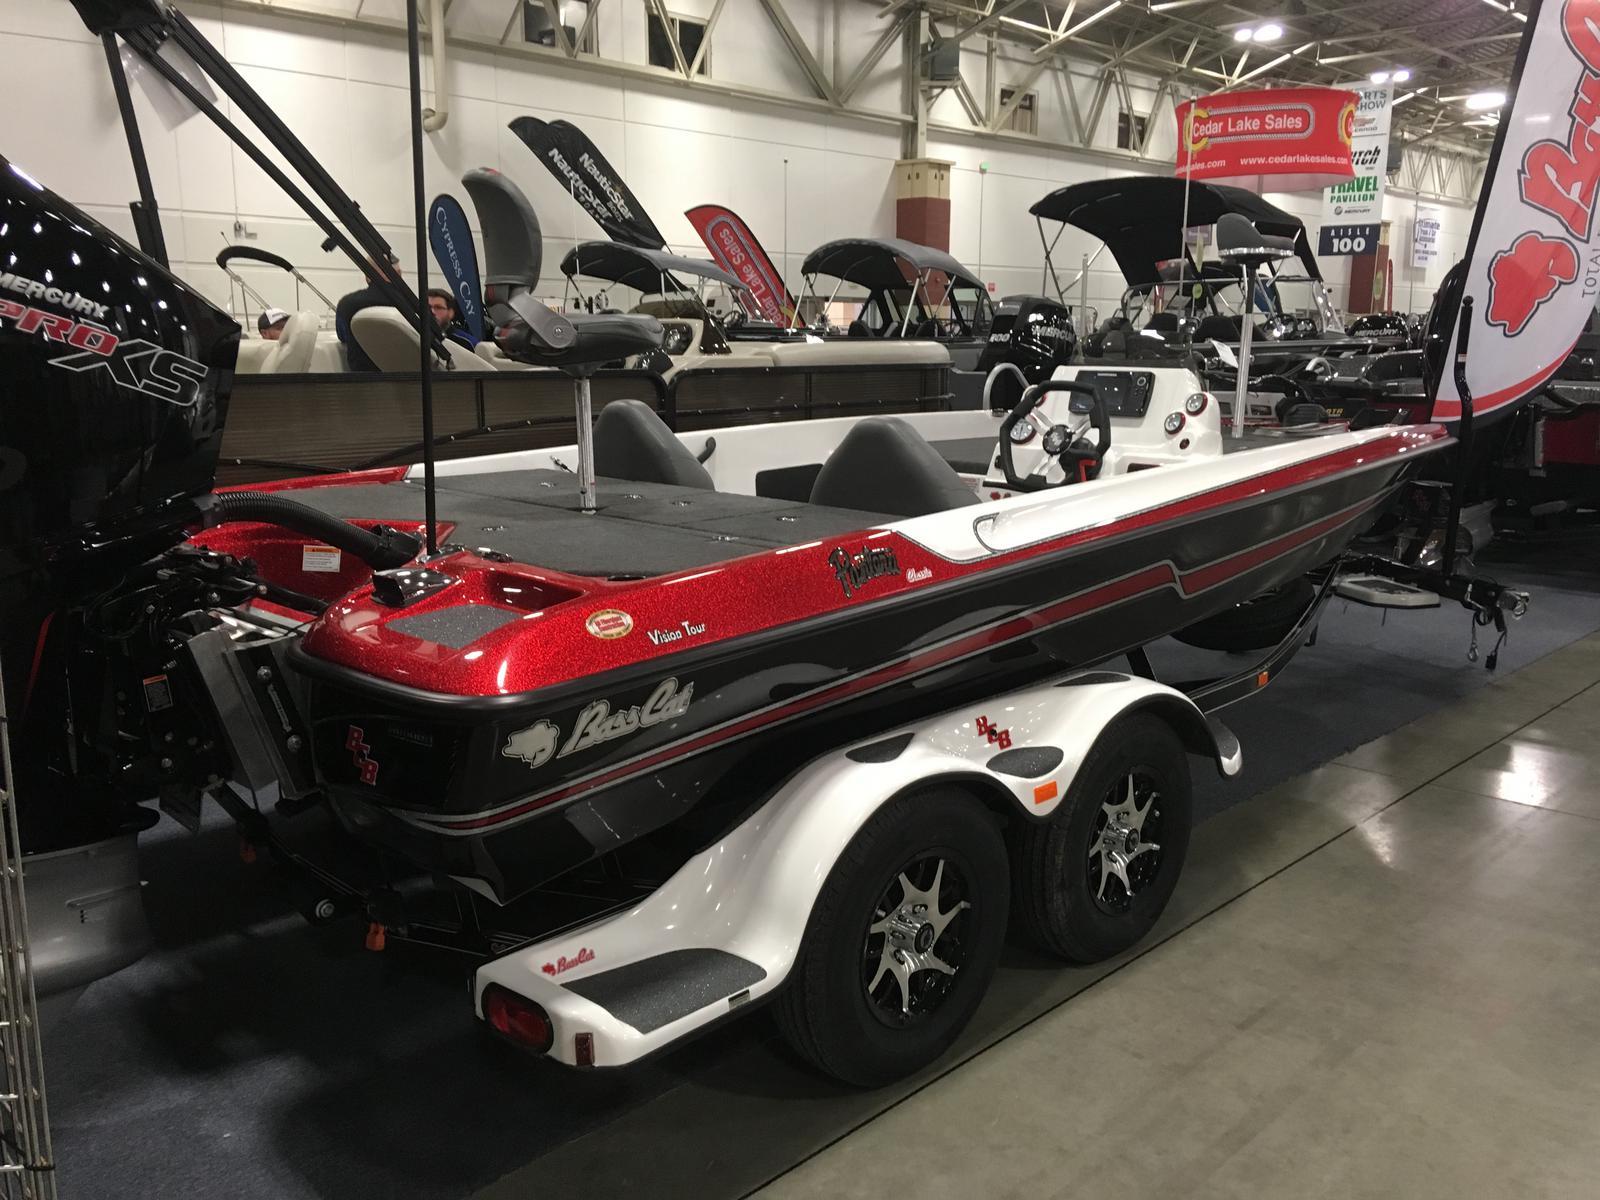 Bass Cat Boats PANTERA CLASSIC VISION